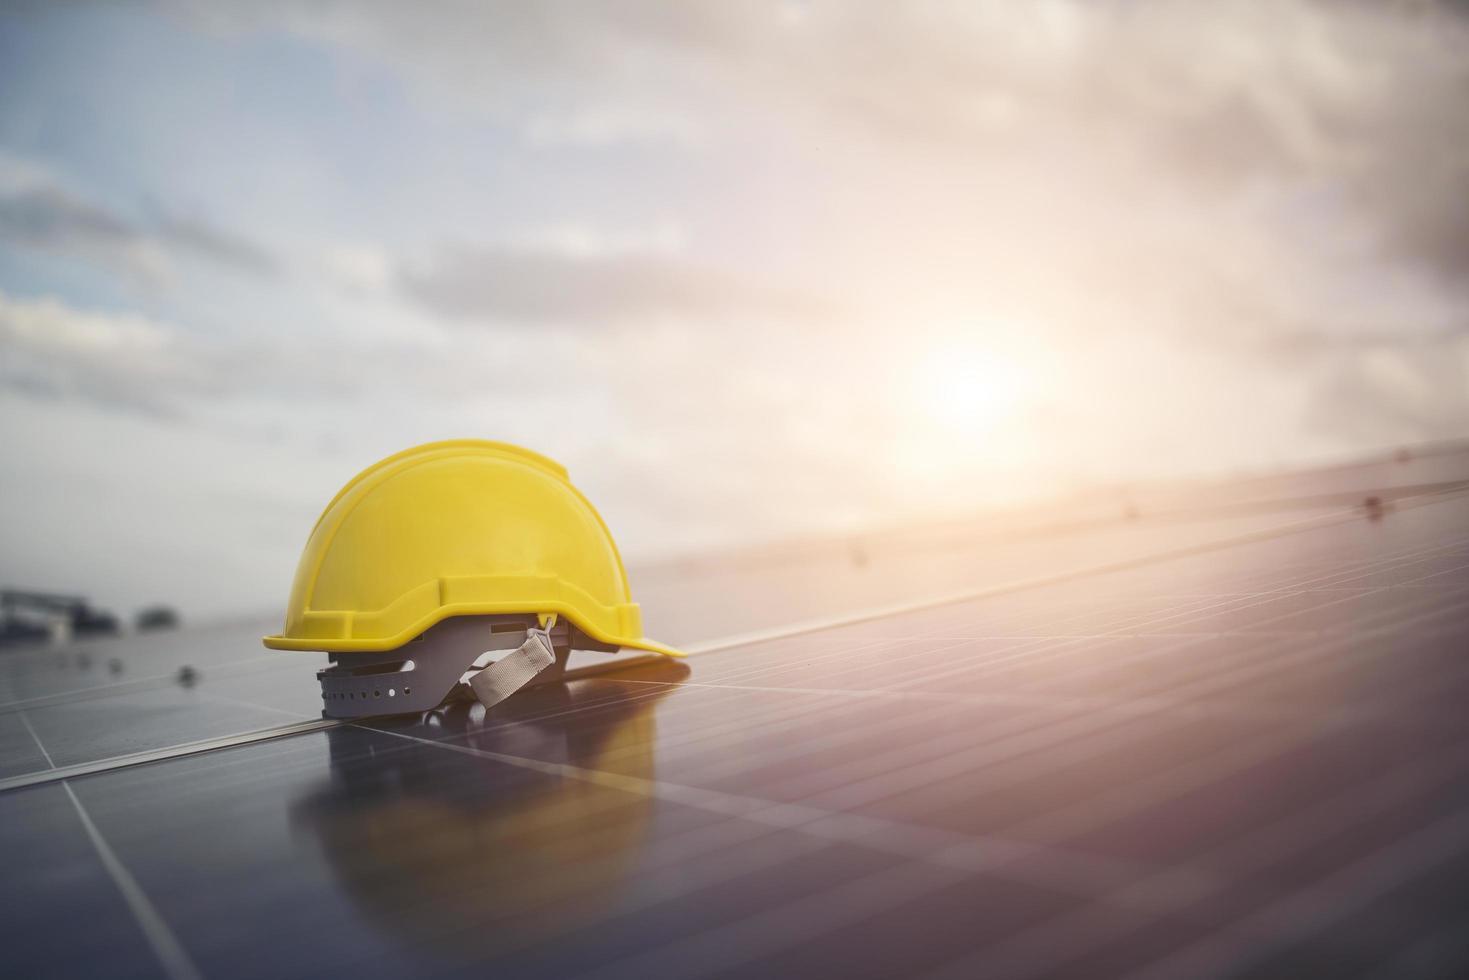 casco di sicurezza giallo sul pannello solare foto